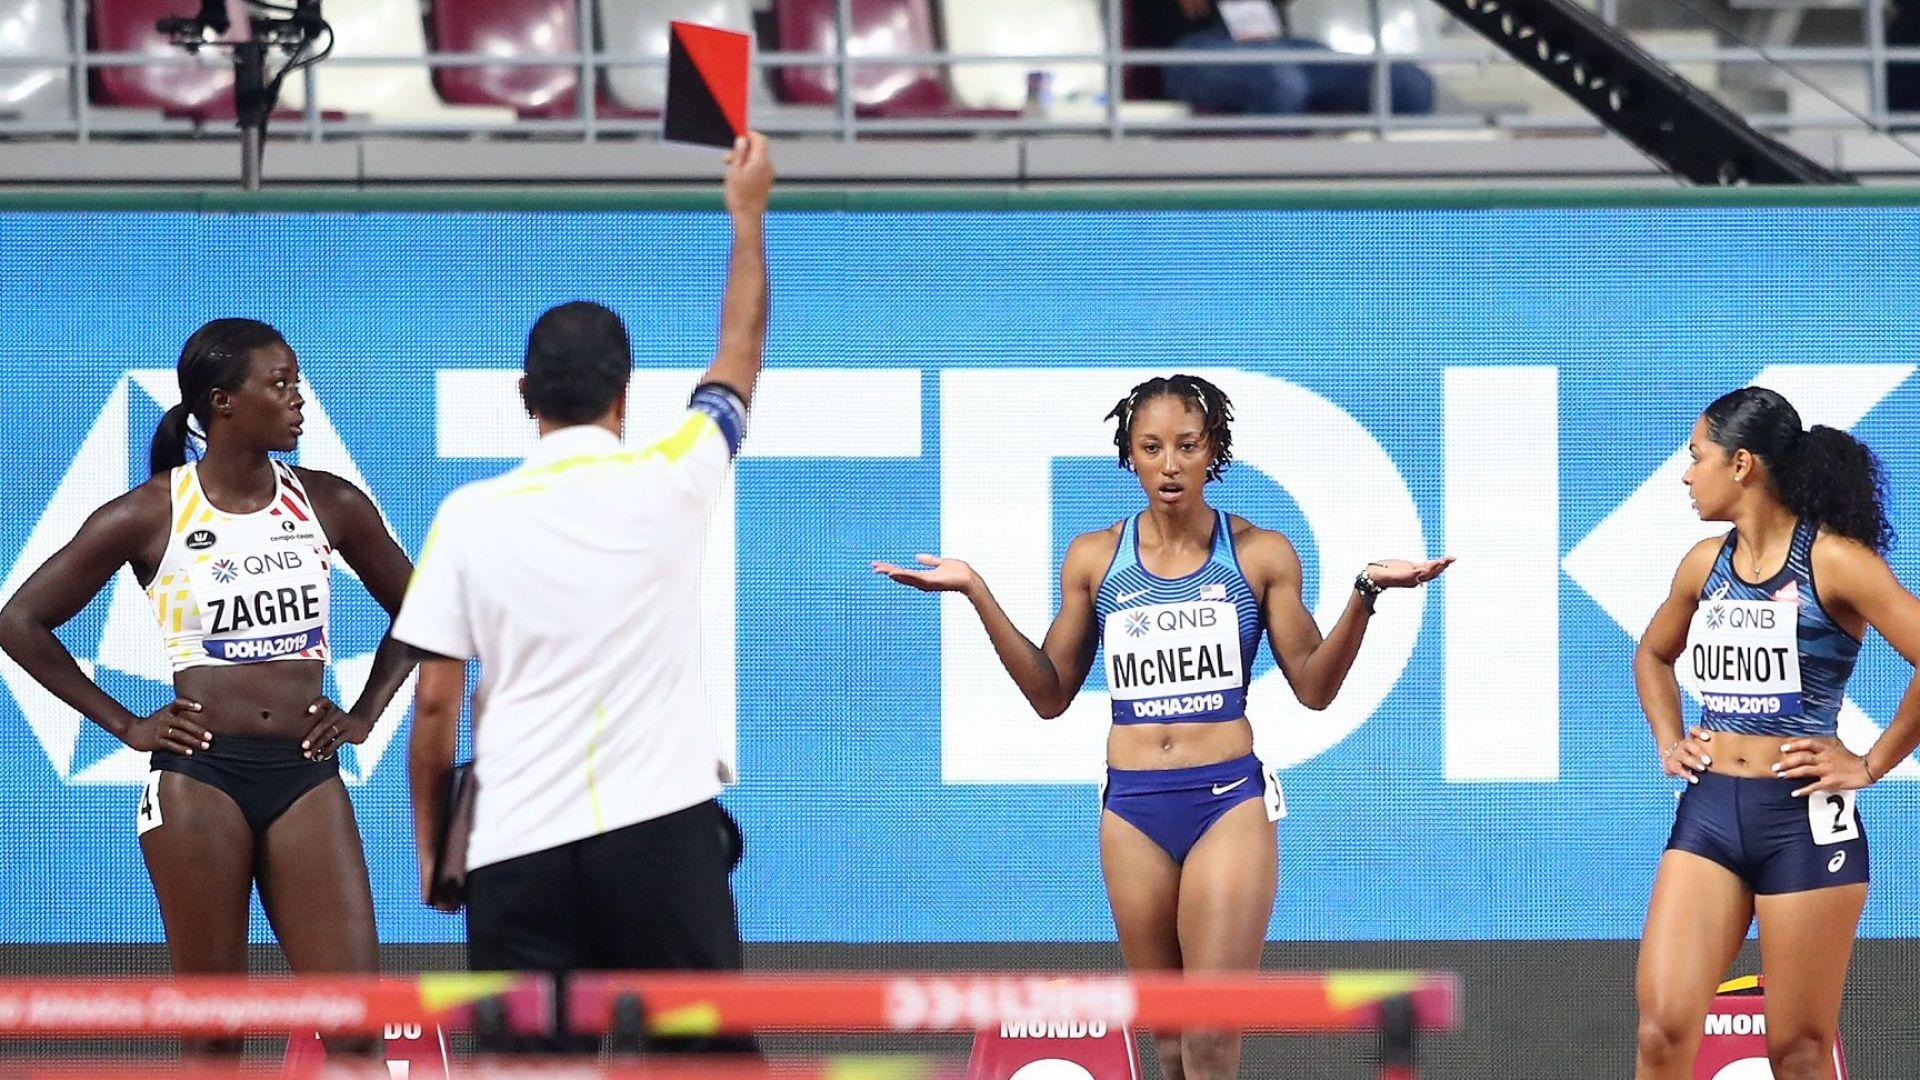 Хванаха олимпийска шампионка в допинг измама, ще пропусне игрите в Токио